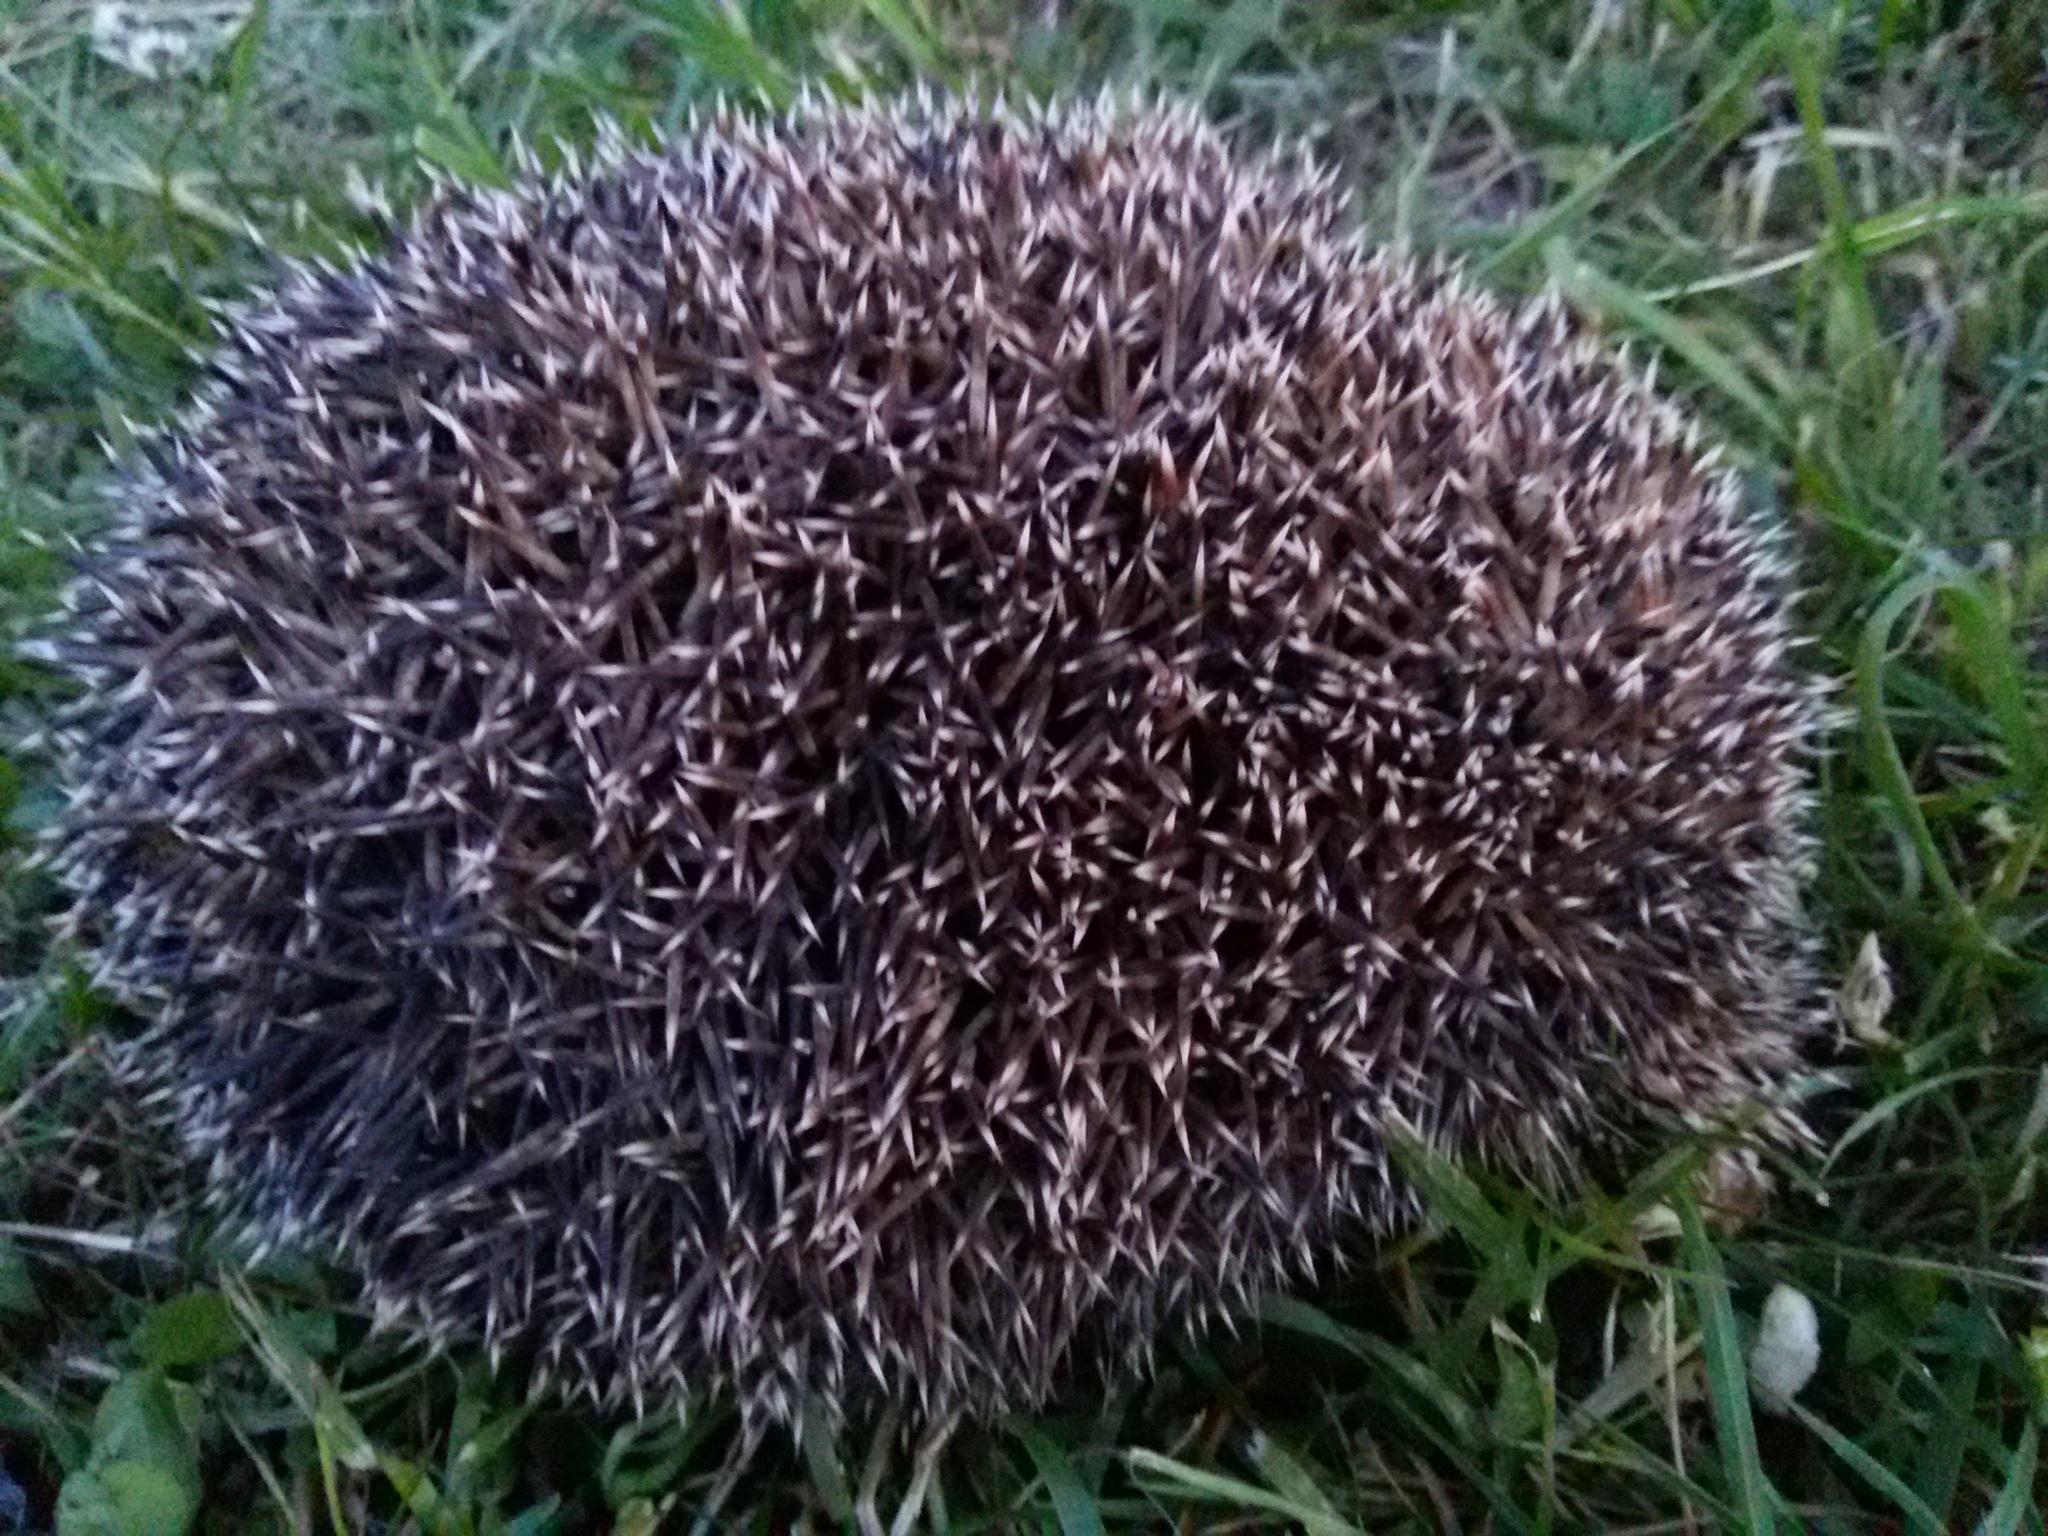 Hedgehog in the meadow by uzkuraitiene62